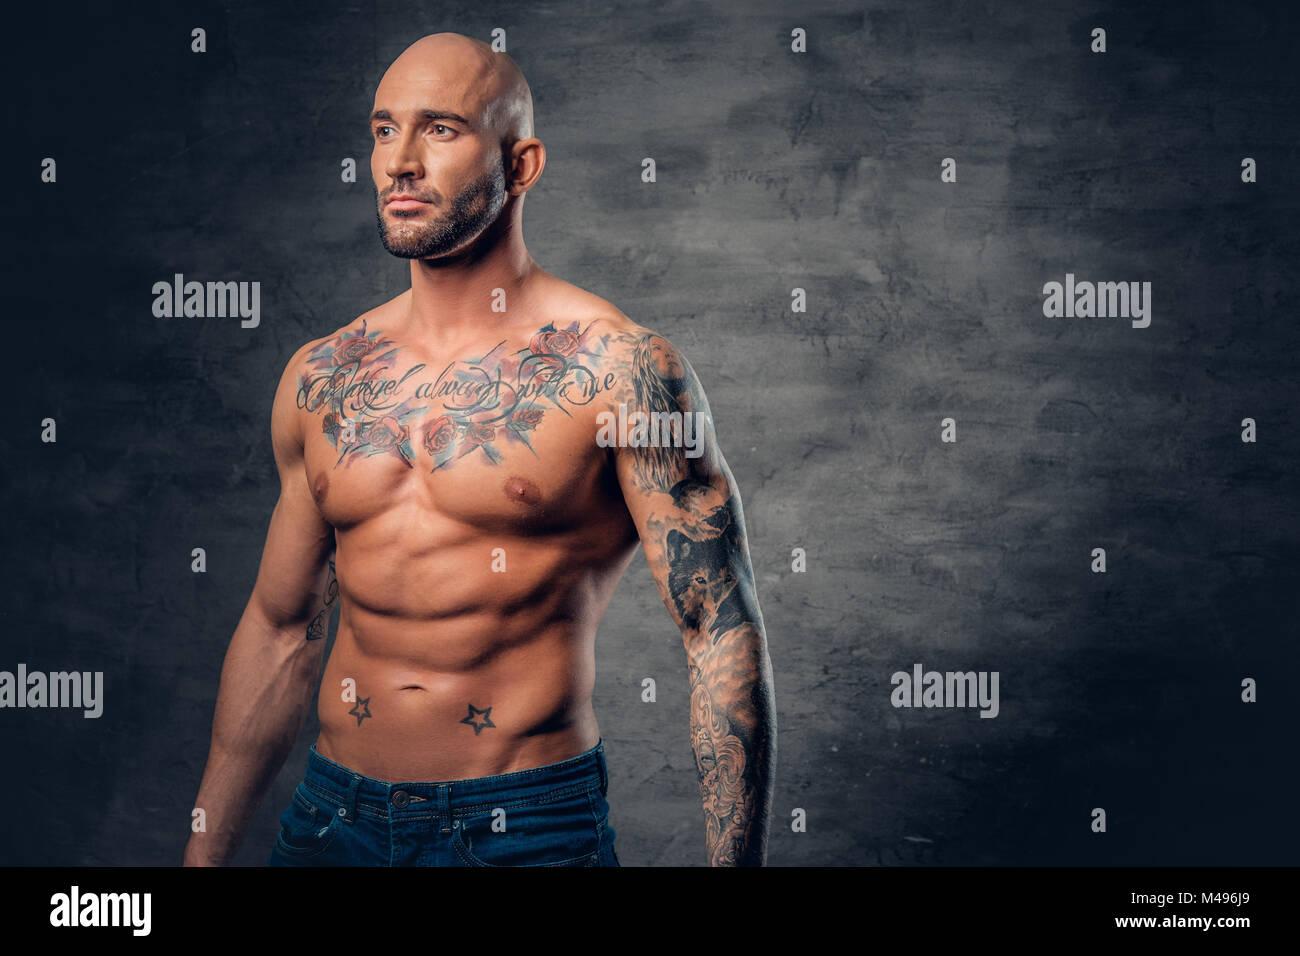 pose bodybuilder stockfotos pose bodybuilder bilder. Black Bedroom Furniture Sets. Home Design Ideas